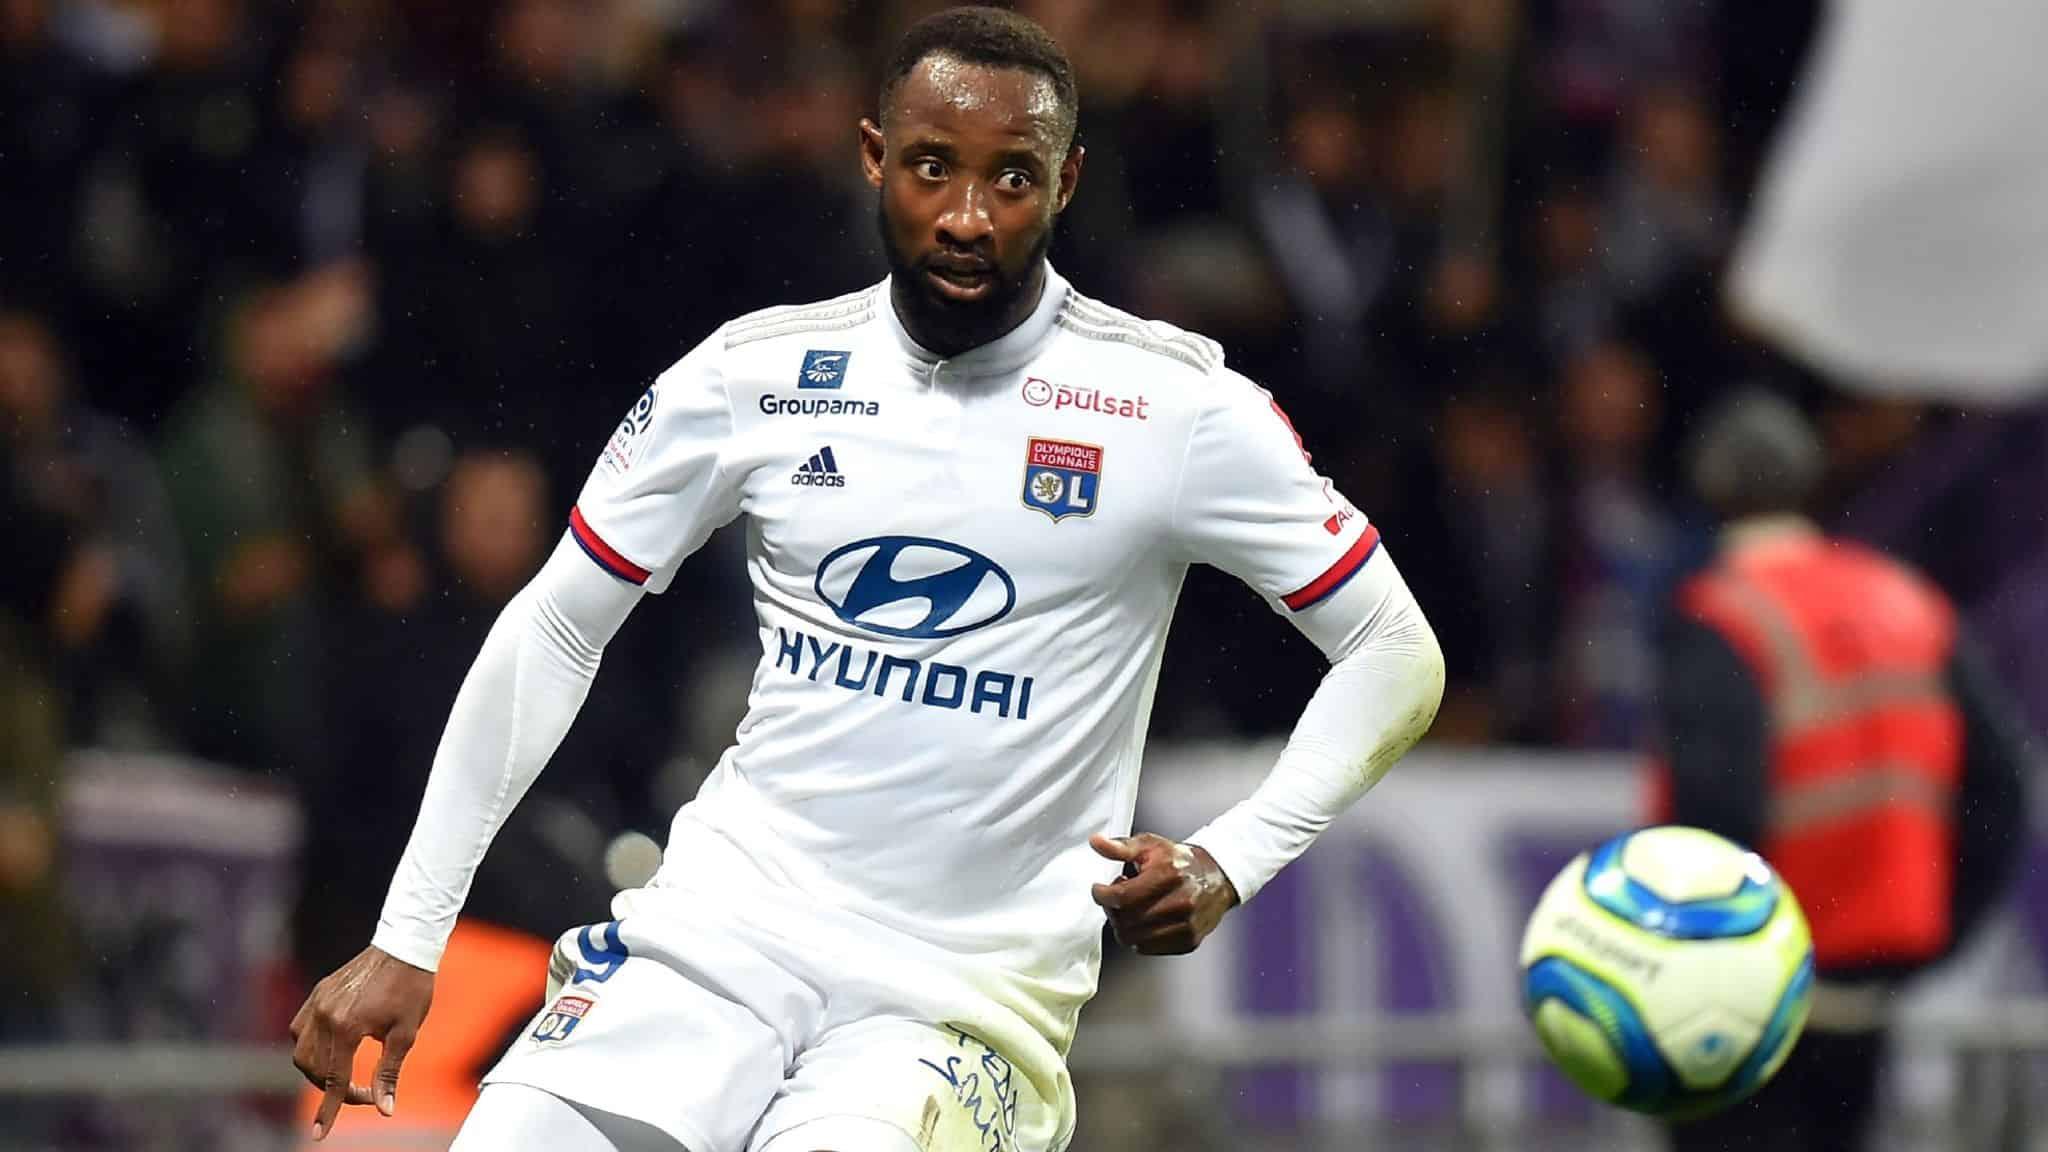 Ponturi pariuri Nantes vs Lyon